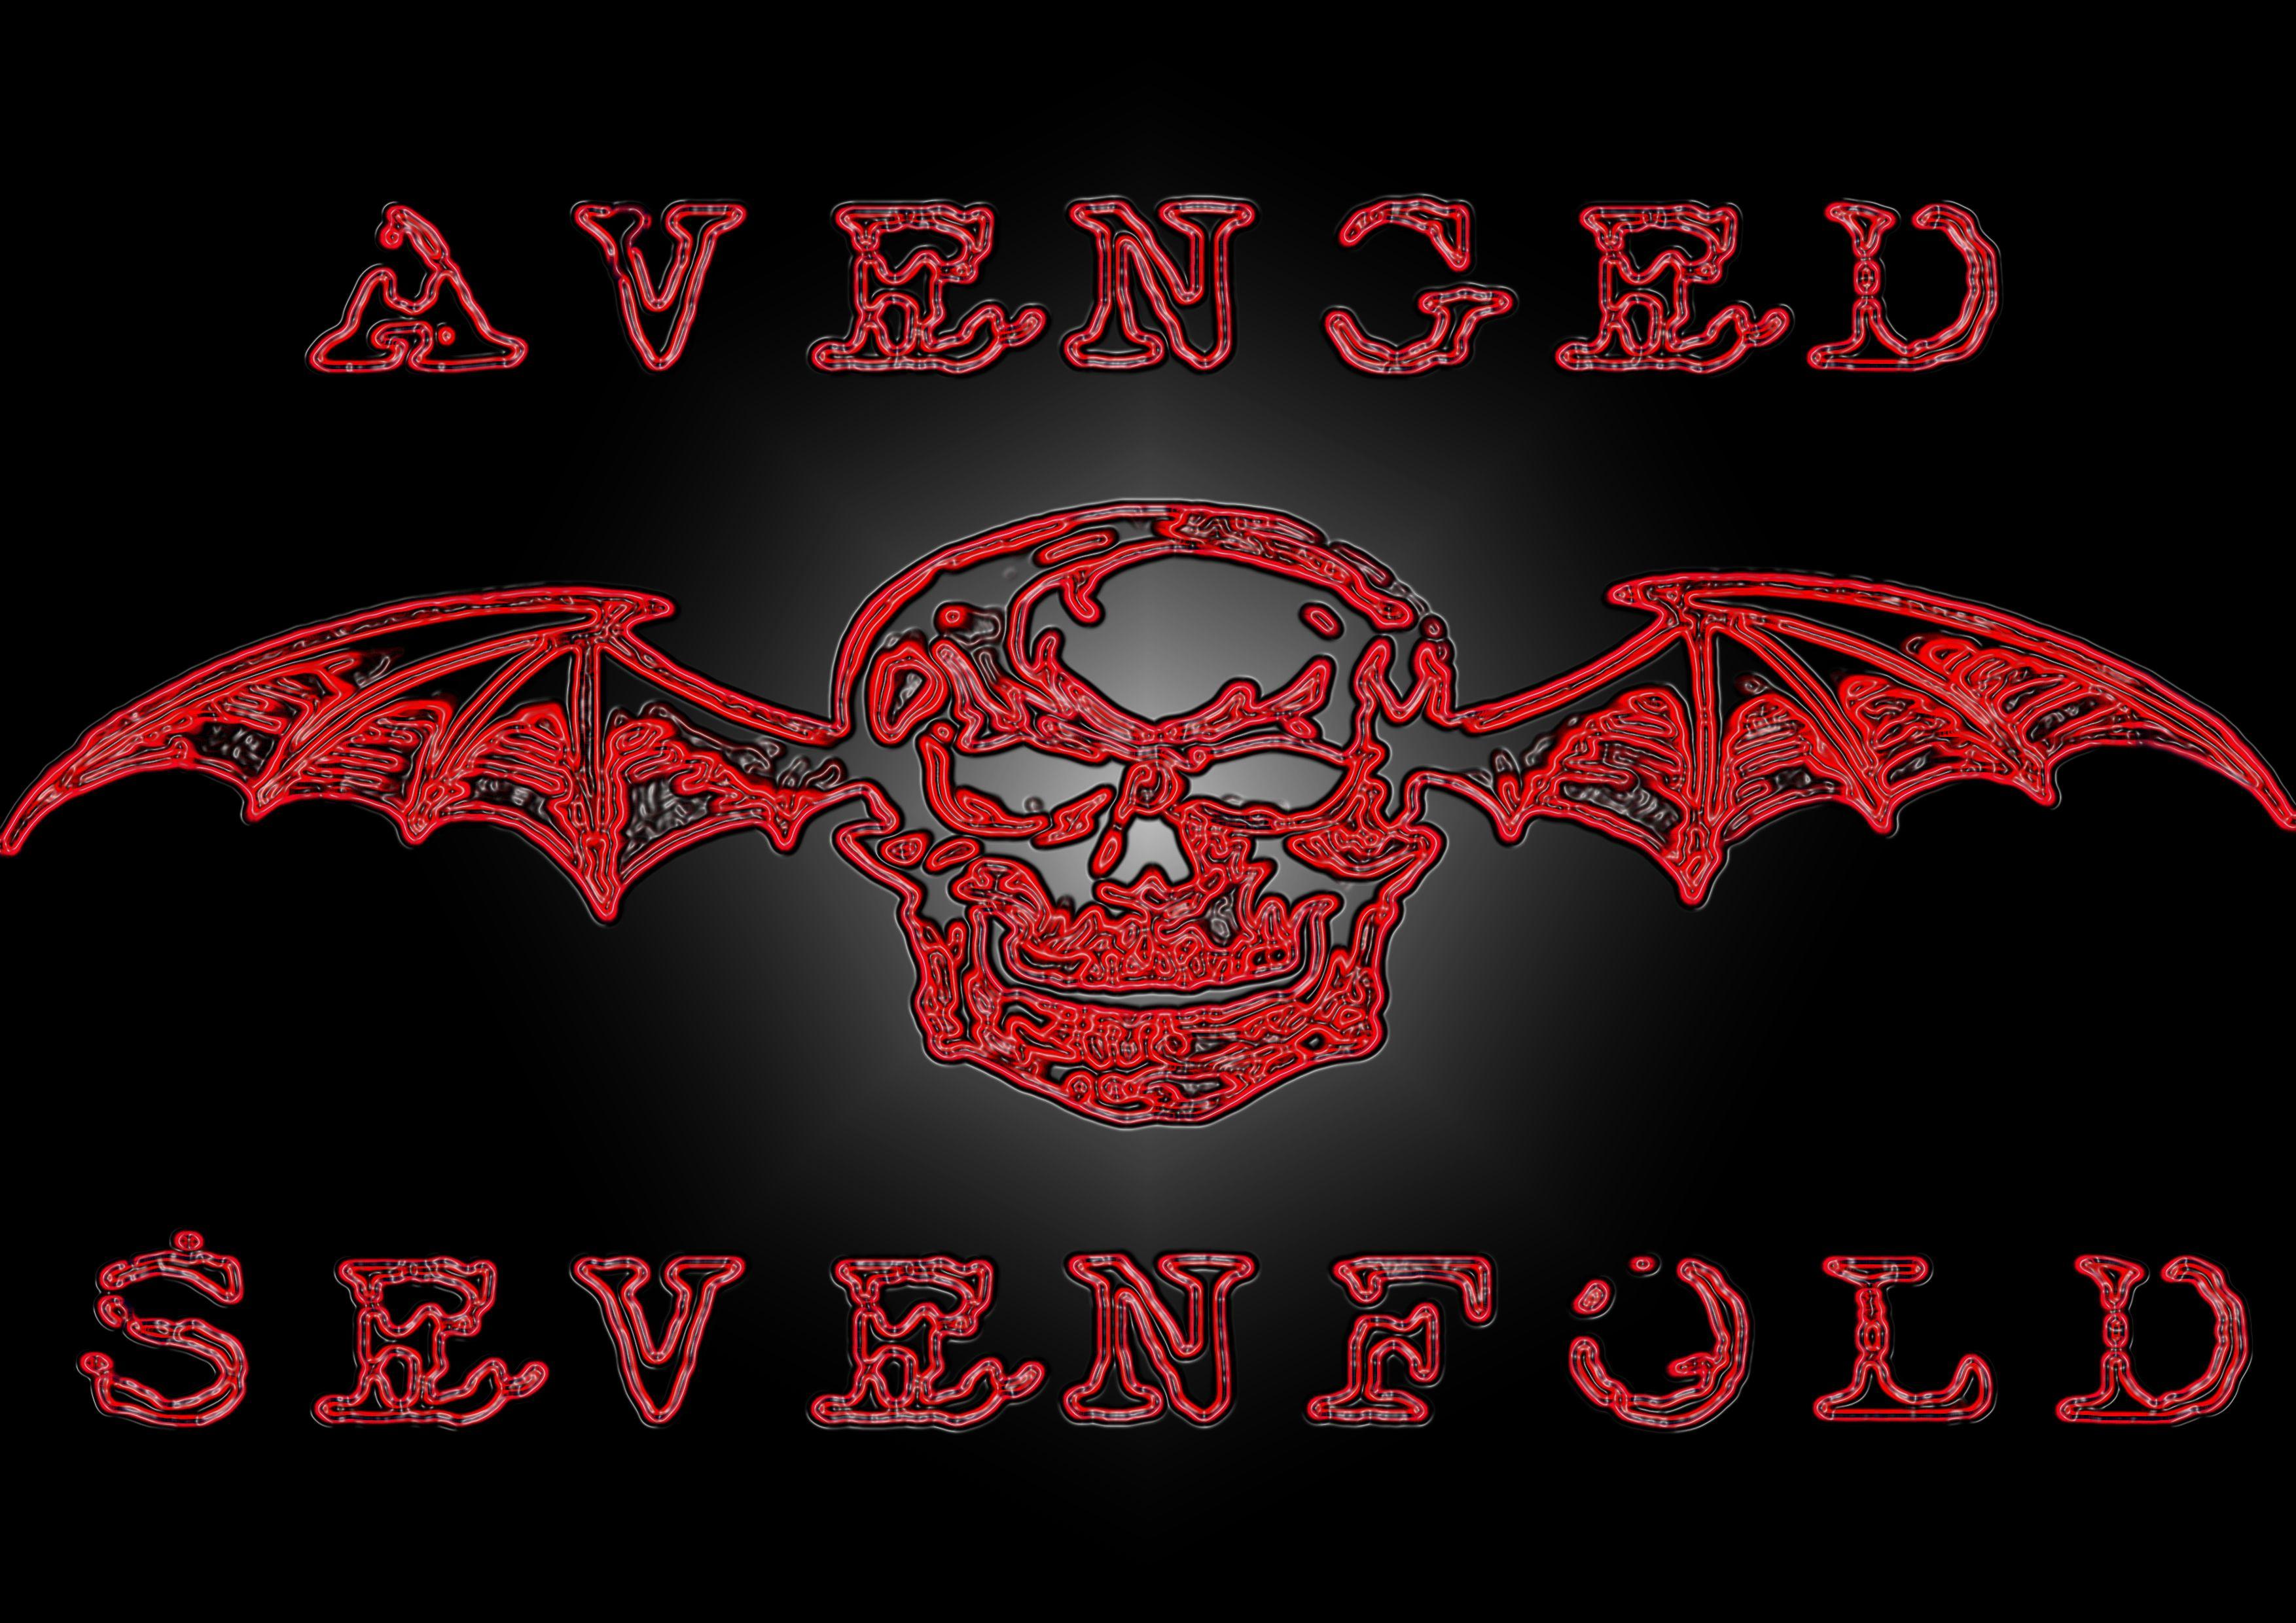 avenged sevenfold logo awesome bands pinterest. Black Bedroom Furniture Sets. Home Design Ideas